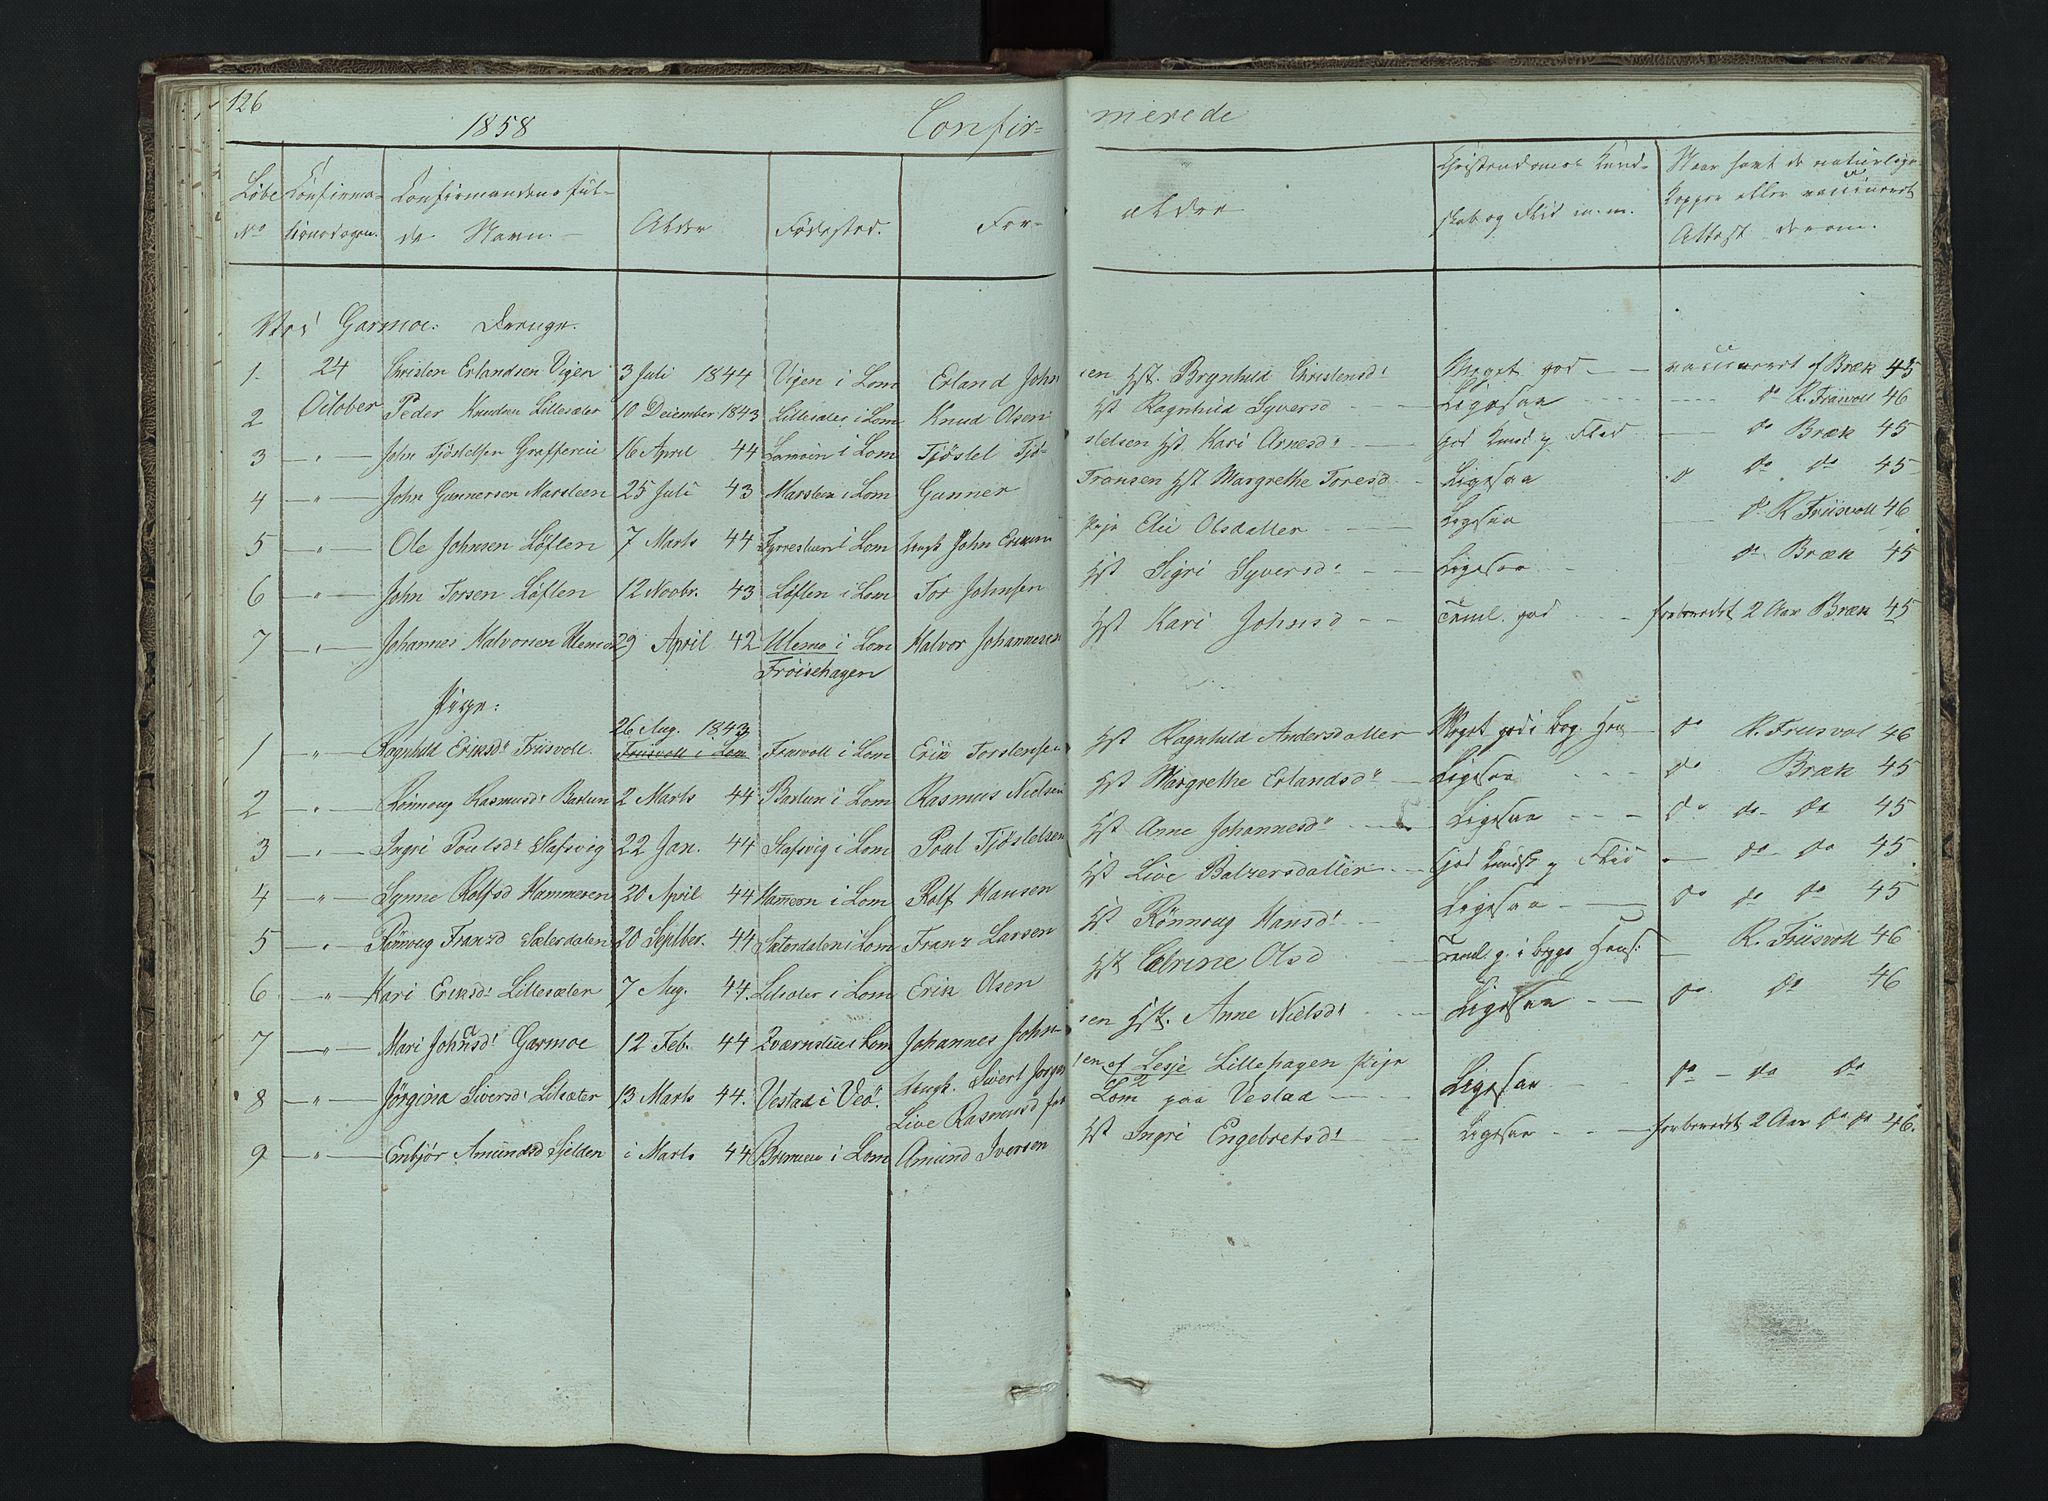 SAH, Lom prestekontor, L/L0014: Klokkerbok nr. 14, 1845-1876, s. 126-127